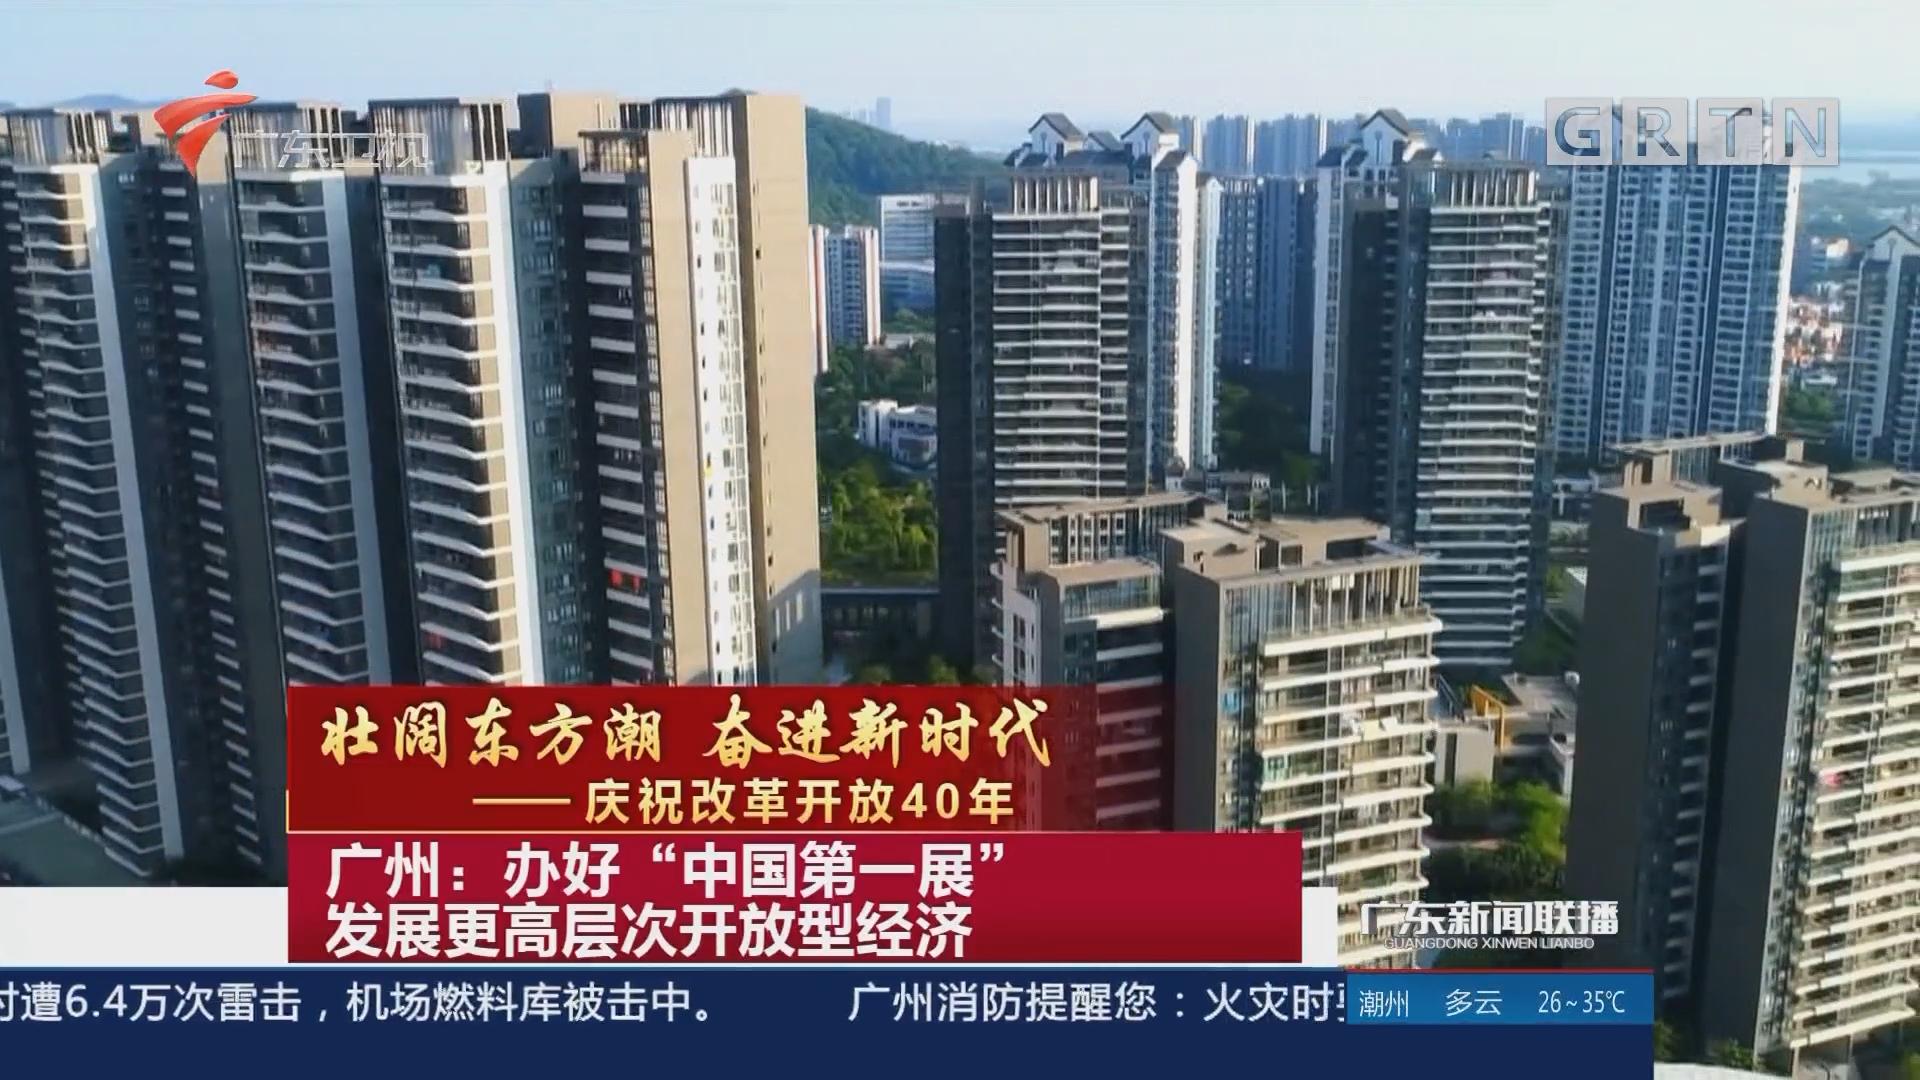 """广州:办好""""中国第一展"""" 发展更高层次开放型经济"""